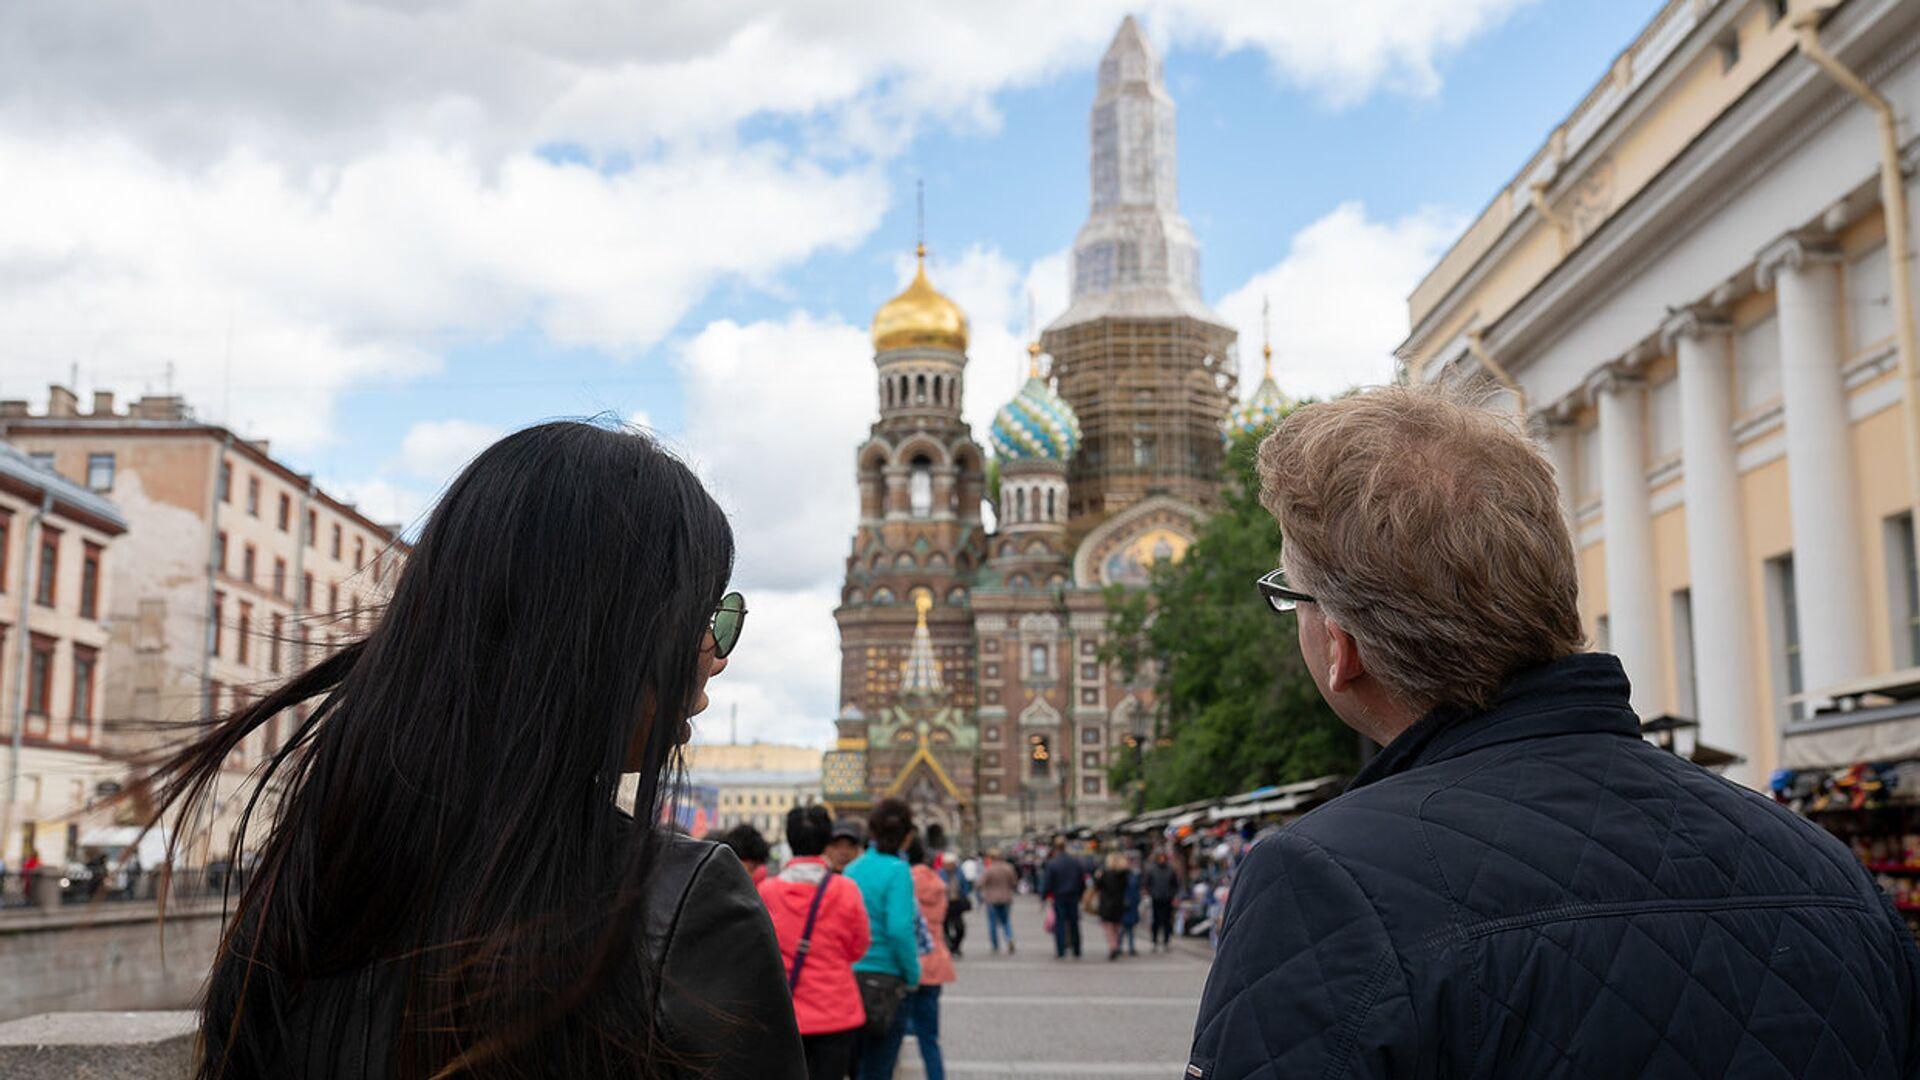 Туристы на улице Санкт-Петербурга - РИА Новости, 1920, 11.10.2021